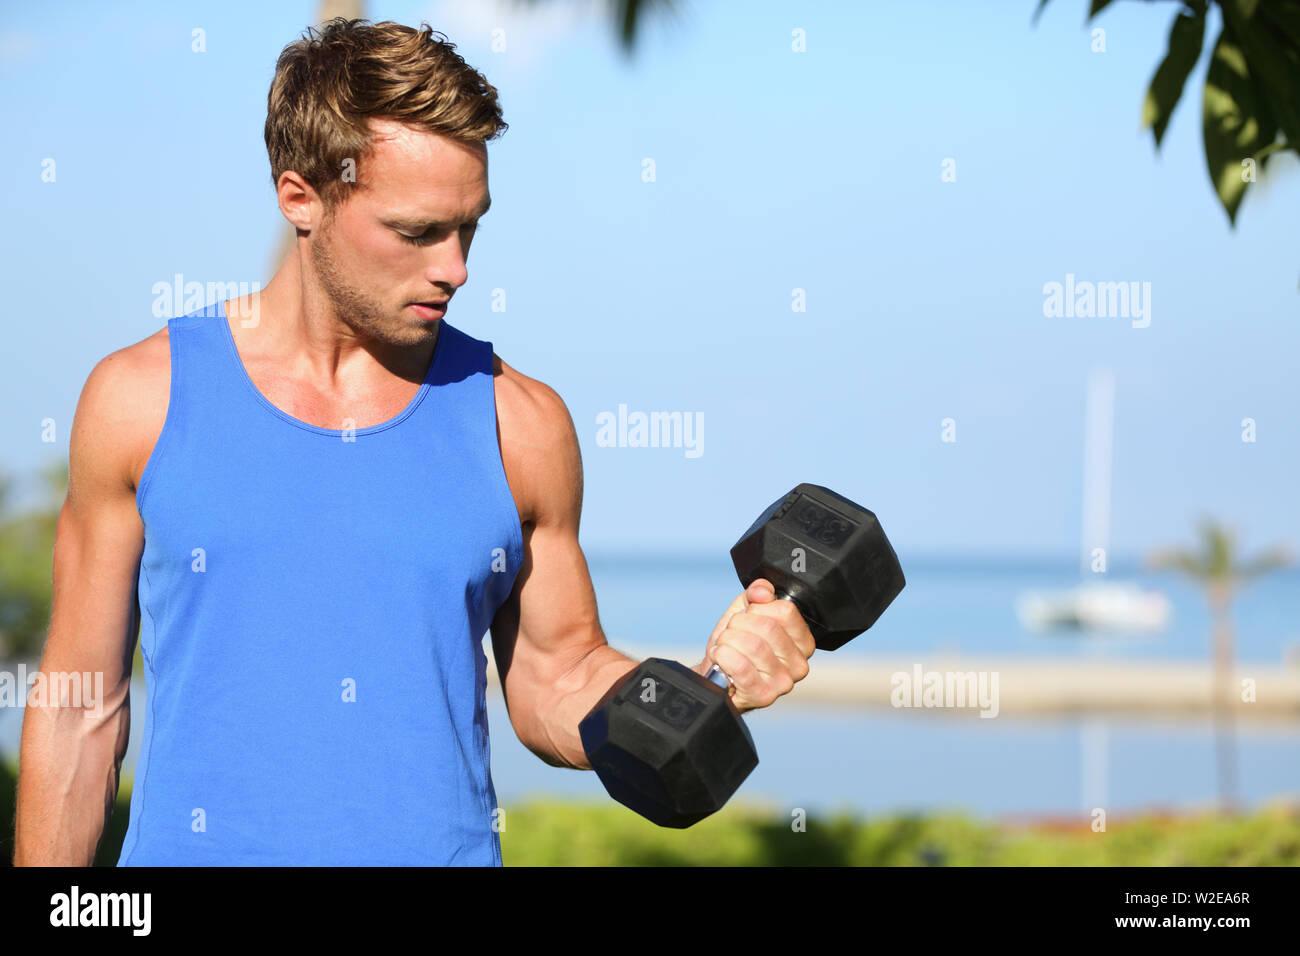 Formation de bicep - poids à l'extérieur de l'homme remise en forme lifting du bras faisant haltères biceps. Modèle sport masculin exerçant à l'extérieur dans le cadre de vie sain. Photo Stock